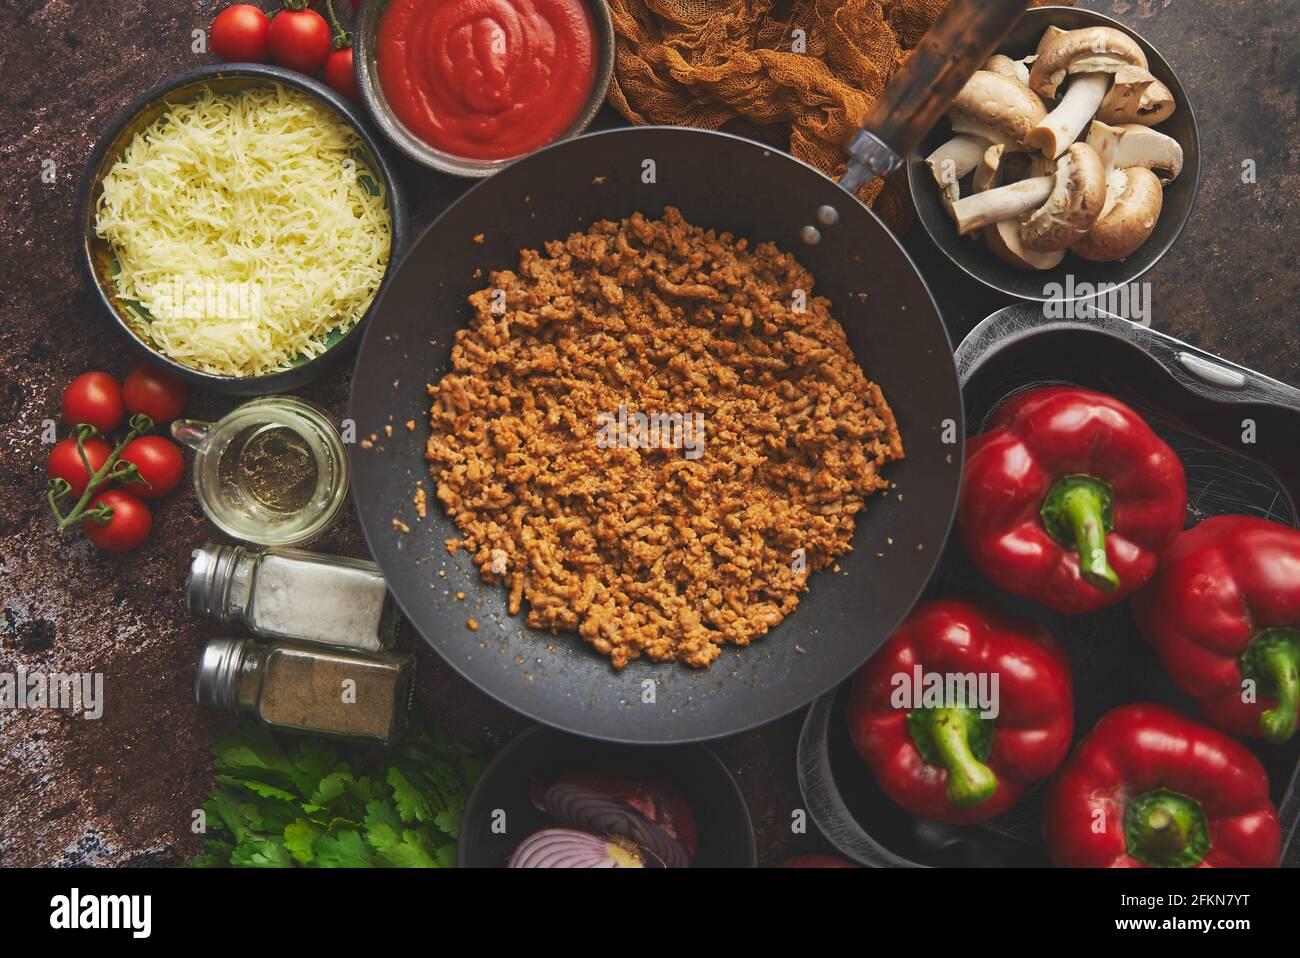 Ingredientes en una mesa preparada para el relleno de pimientos. Pimientos rojos, carne picada, queso Foto de stock